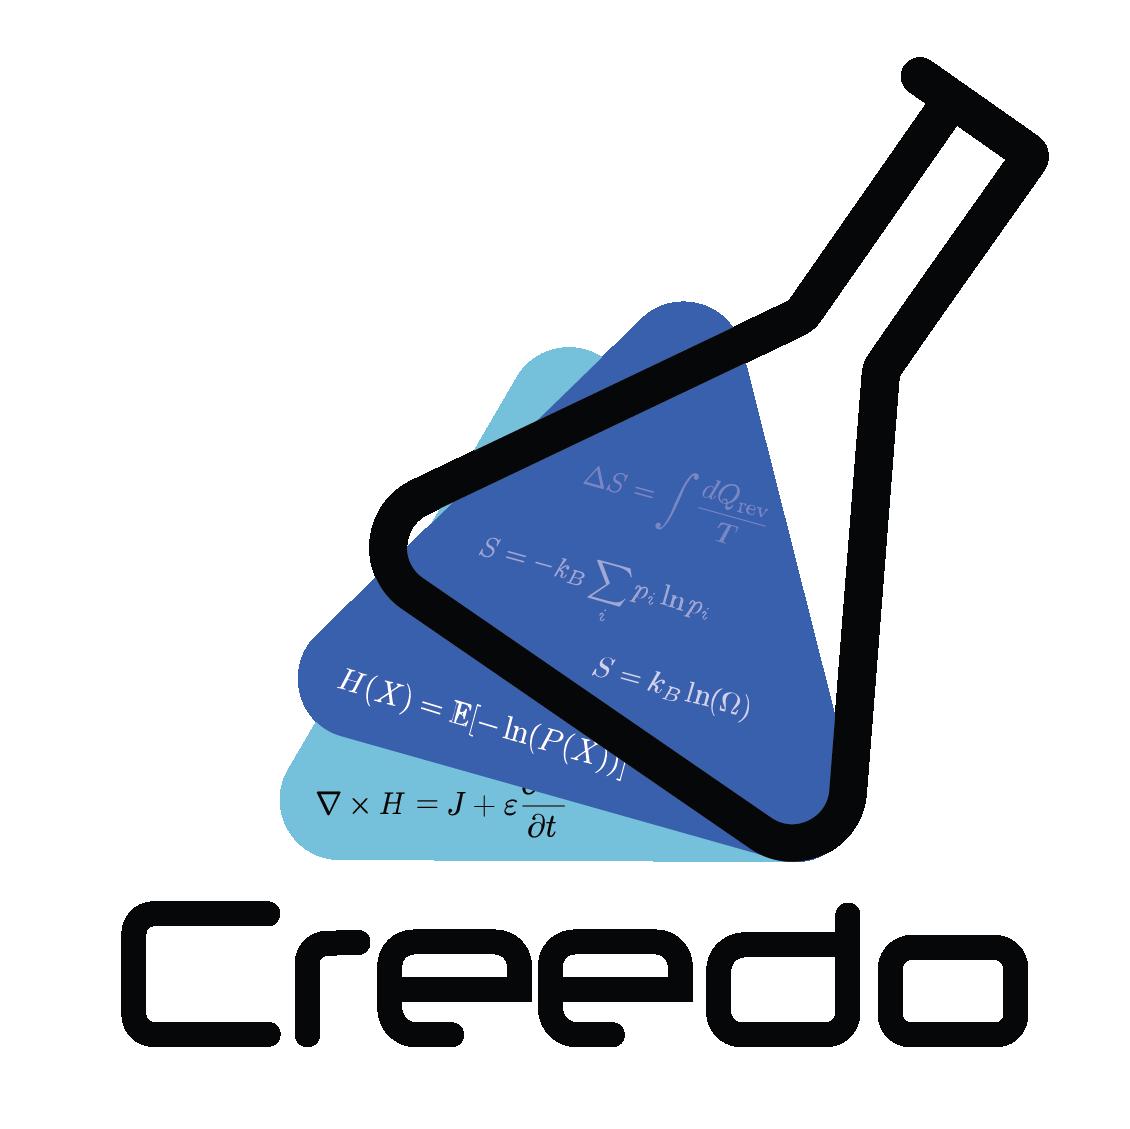 dataCreedo/content/creedo_logo_square_margin.png